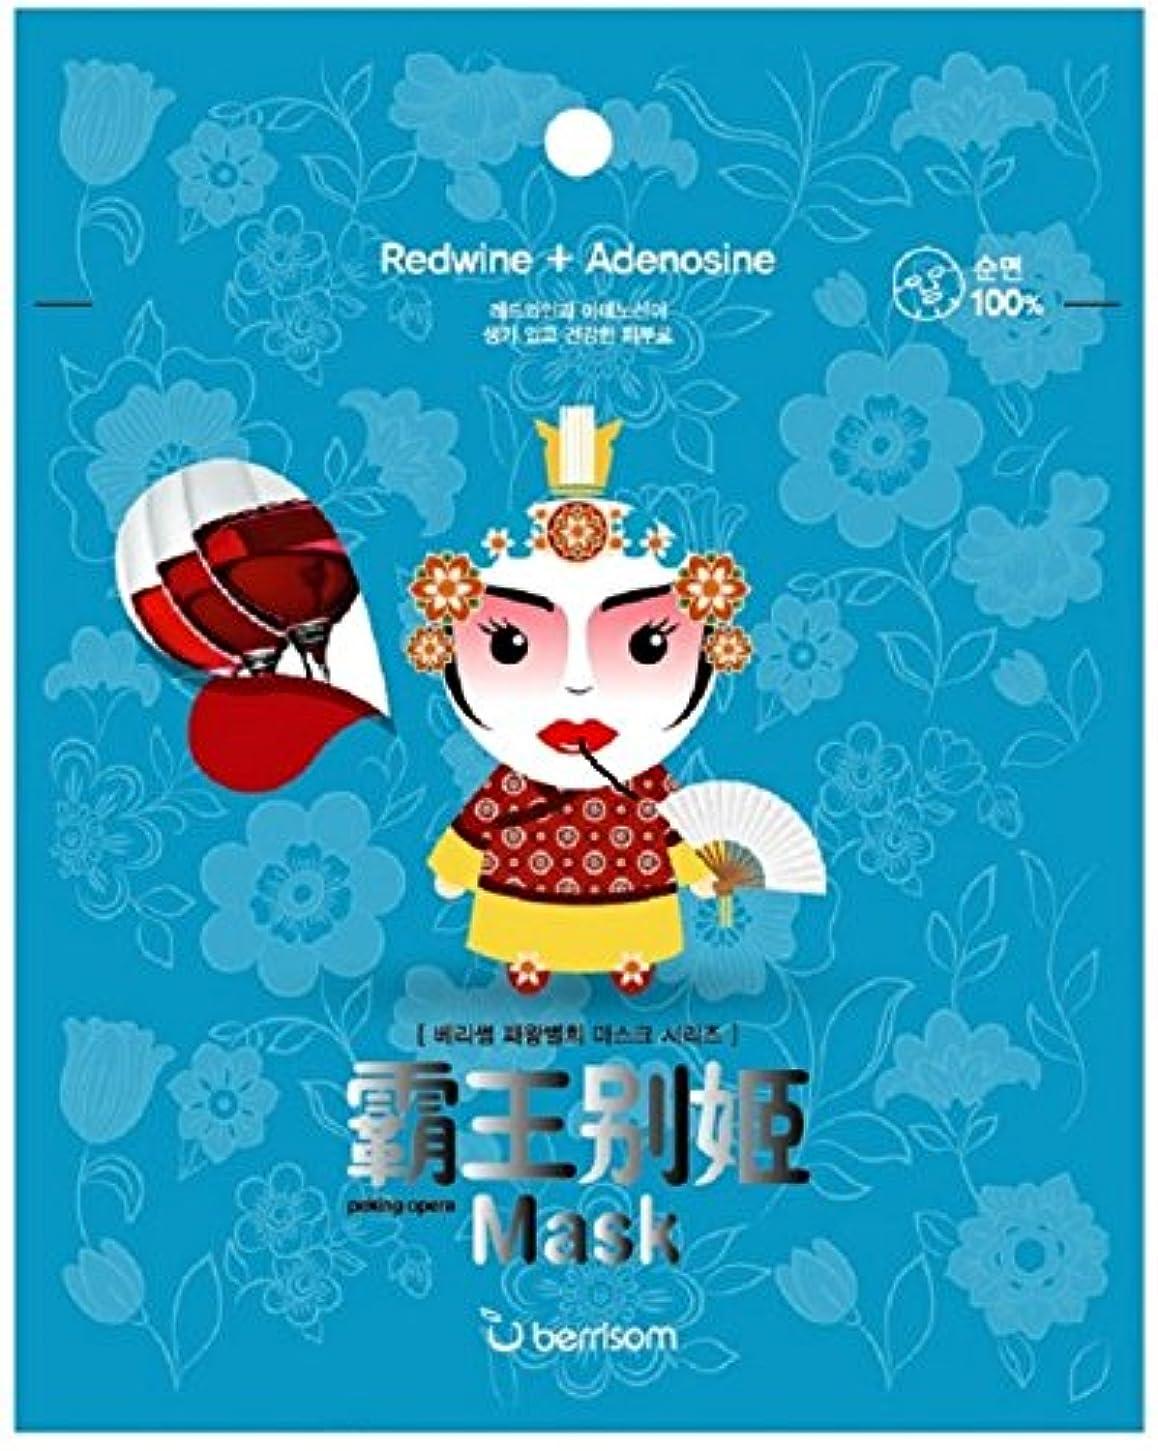 謎めいたヒットヘアベリサム(berrisom)Peking Opera mask series #Queen